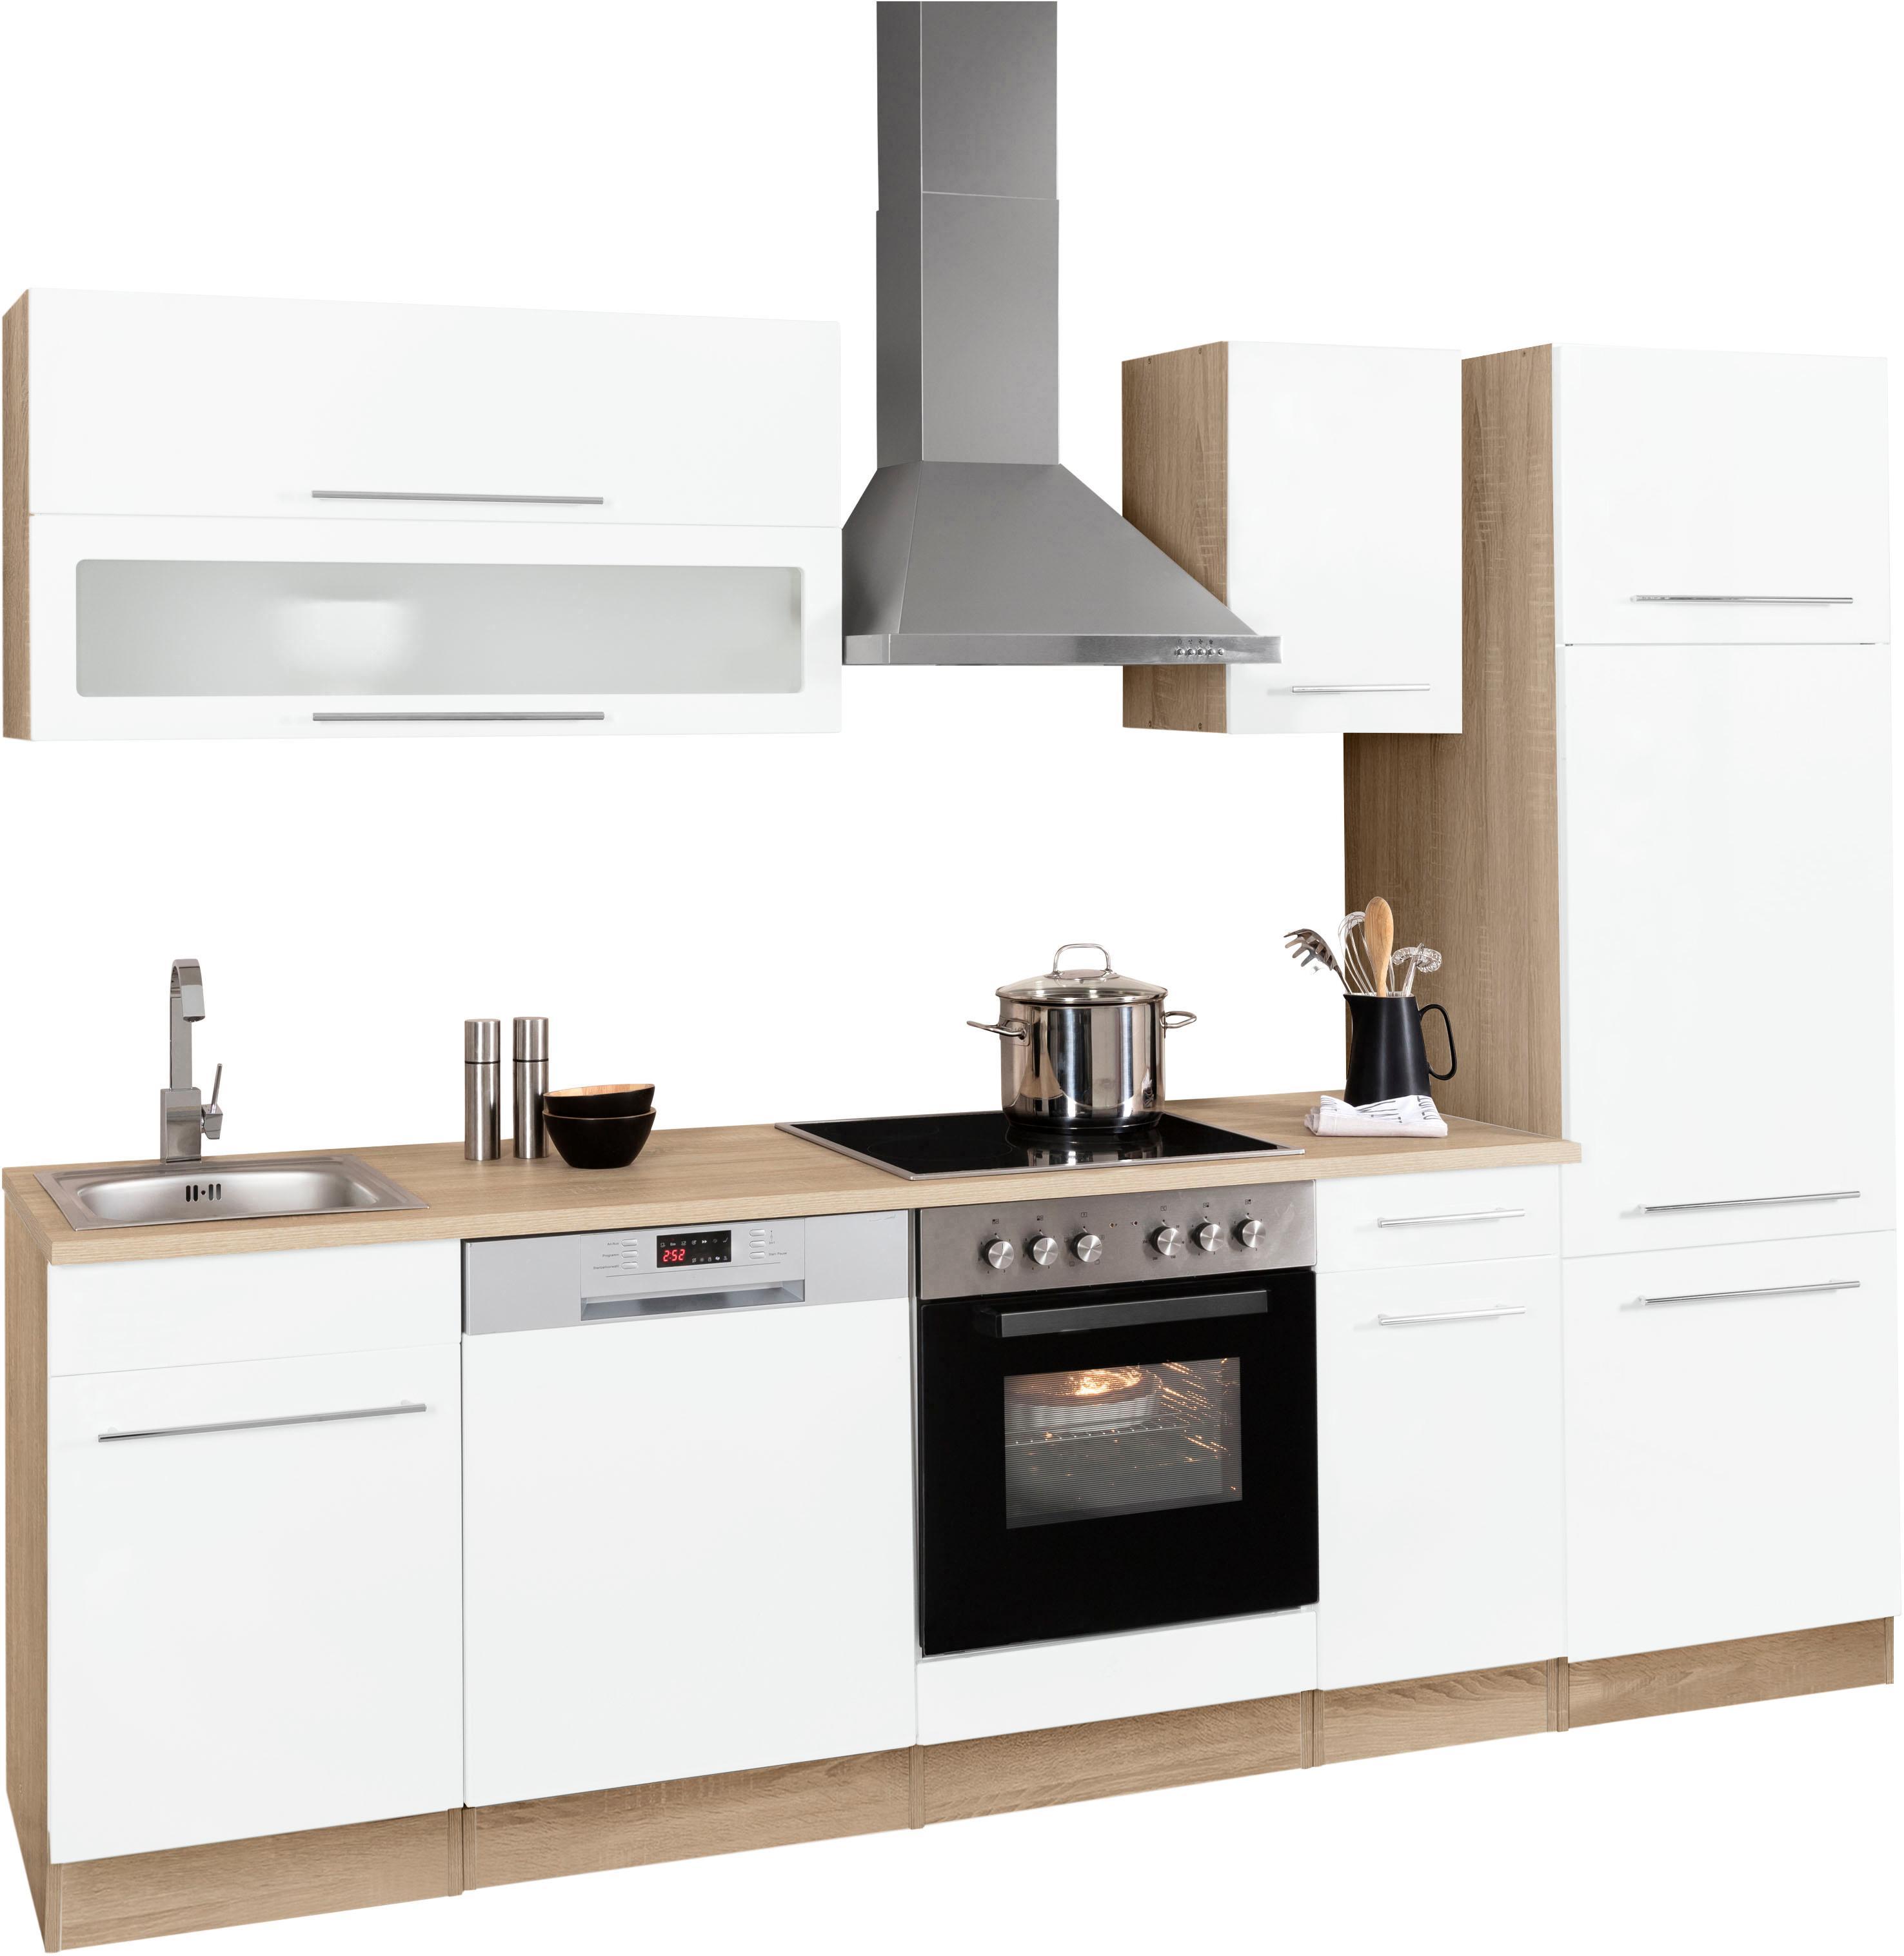 HELD MÖBEL Küchenzeile Eton, ohne E-Geräte, Breite 270 cm